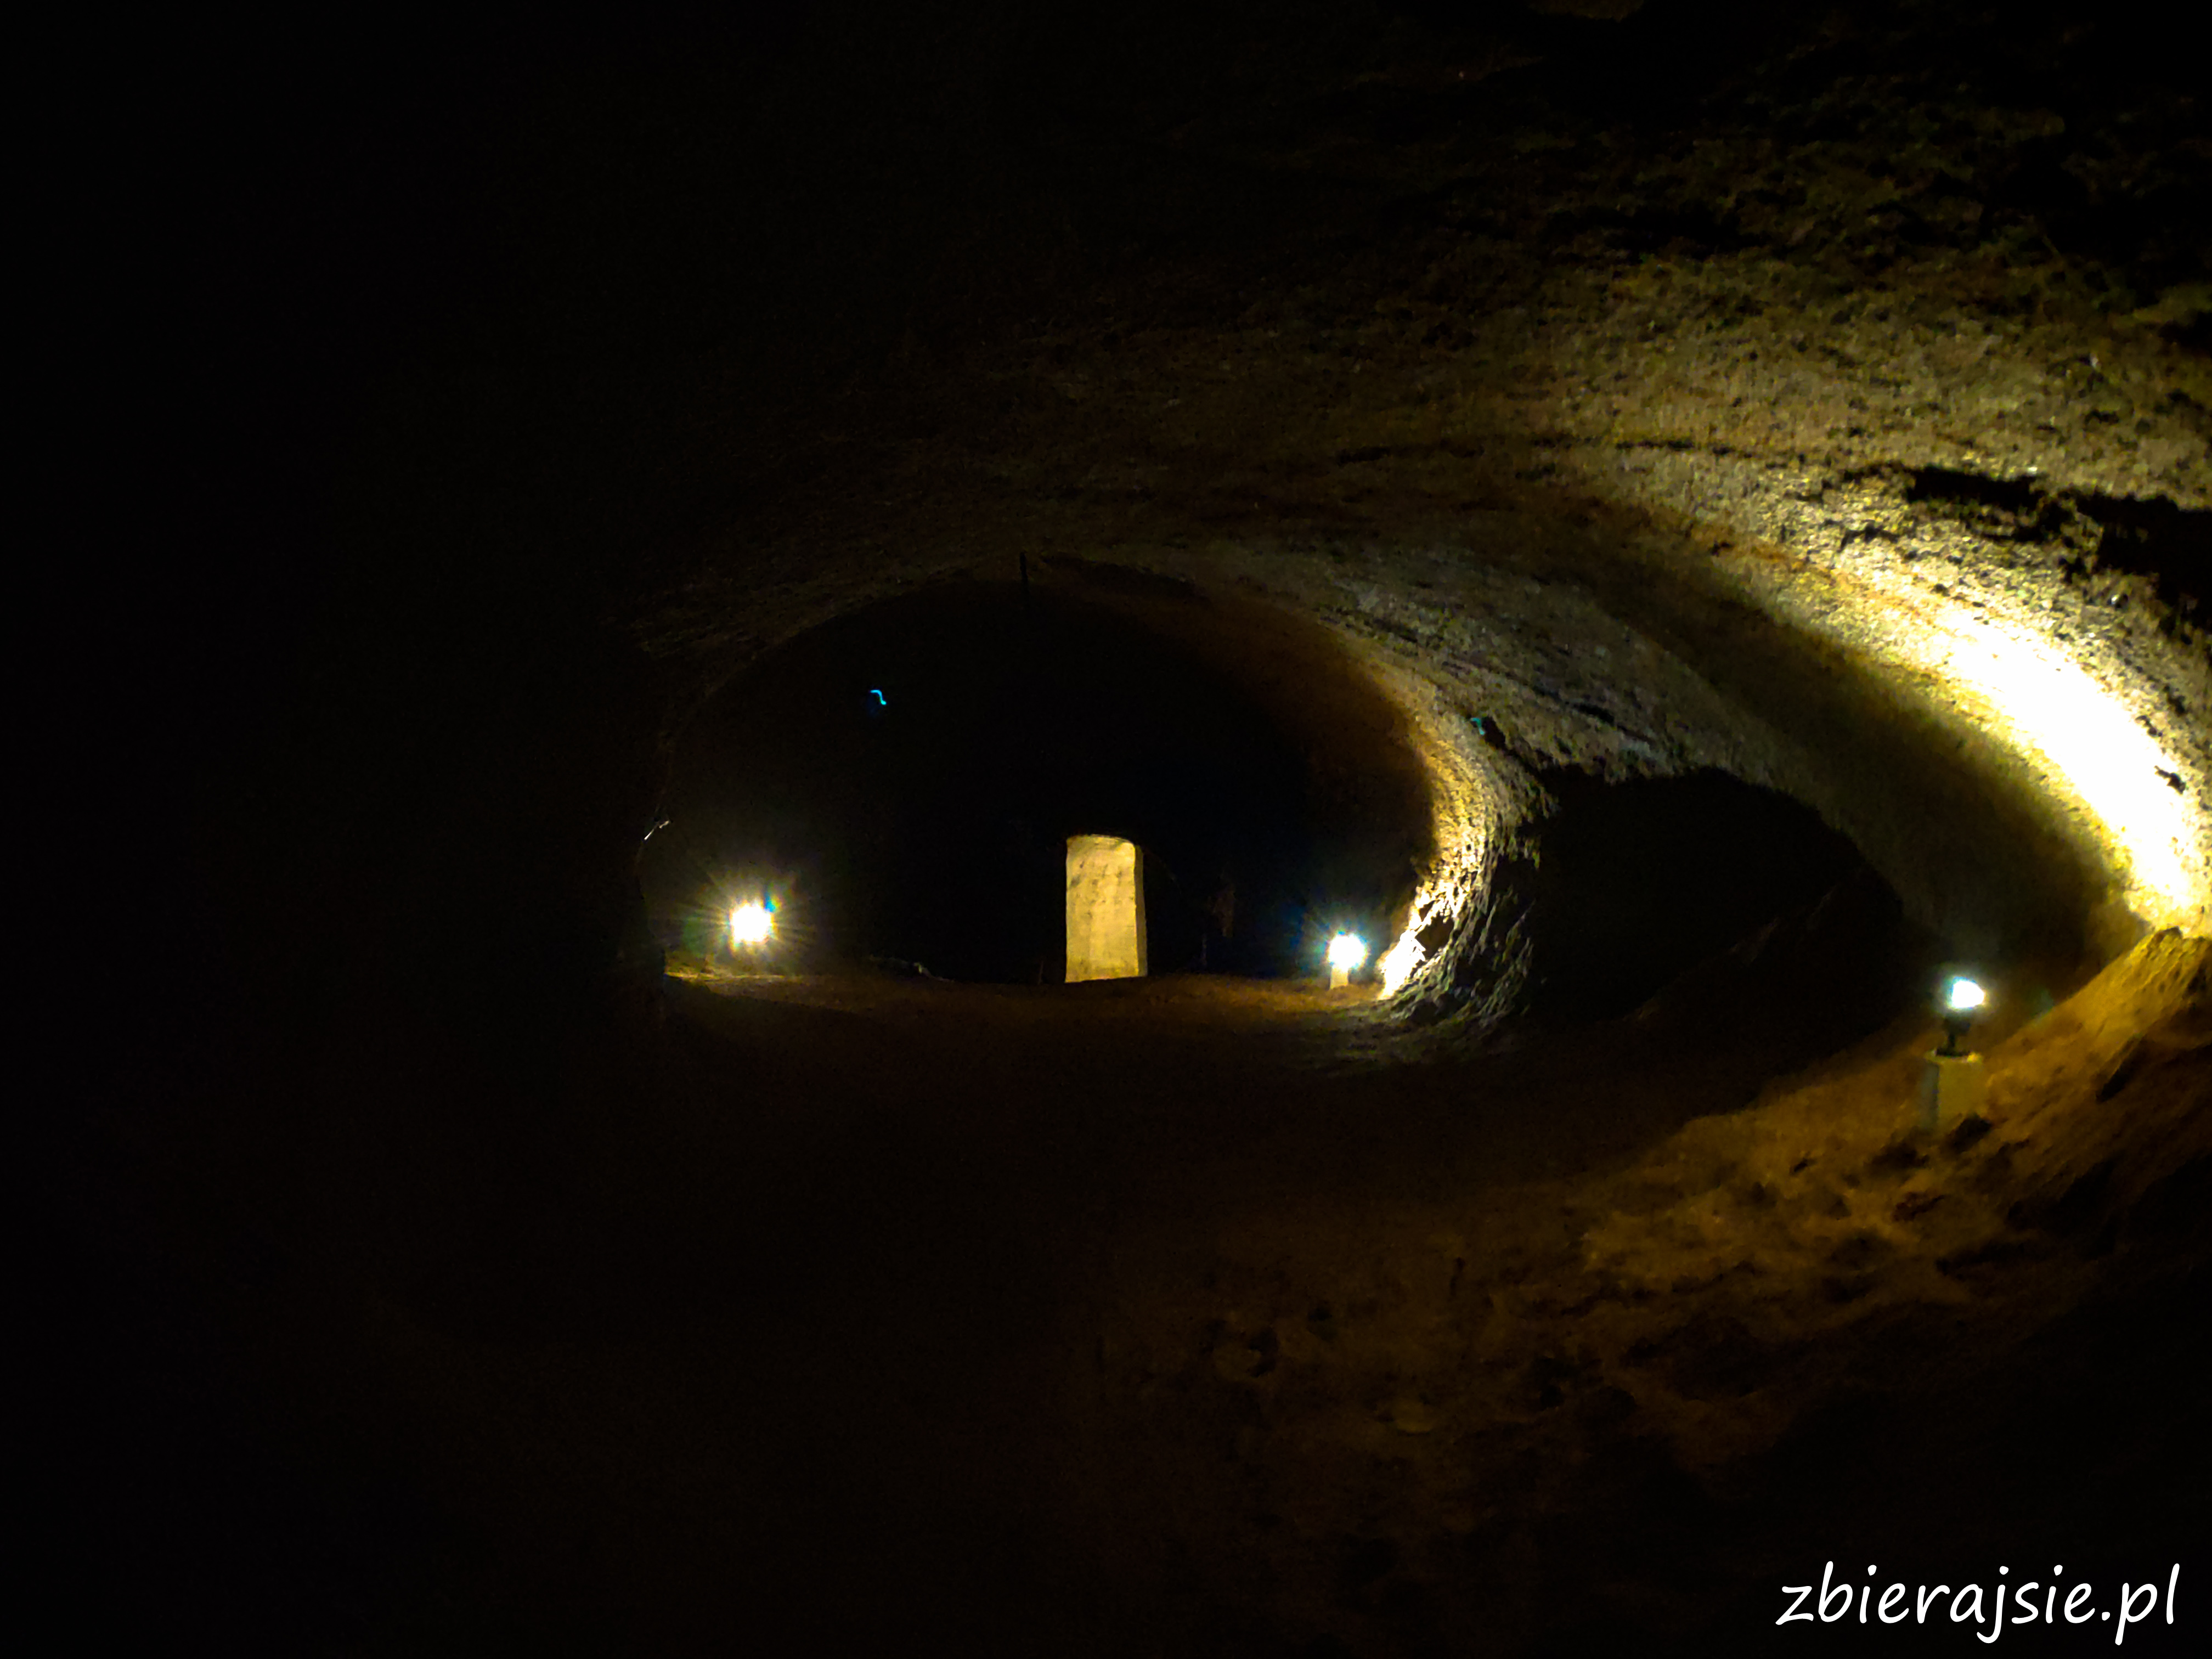 Time_gates_jelenia_gora_podziemia_tunele_schron-5